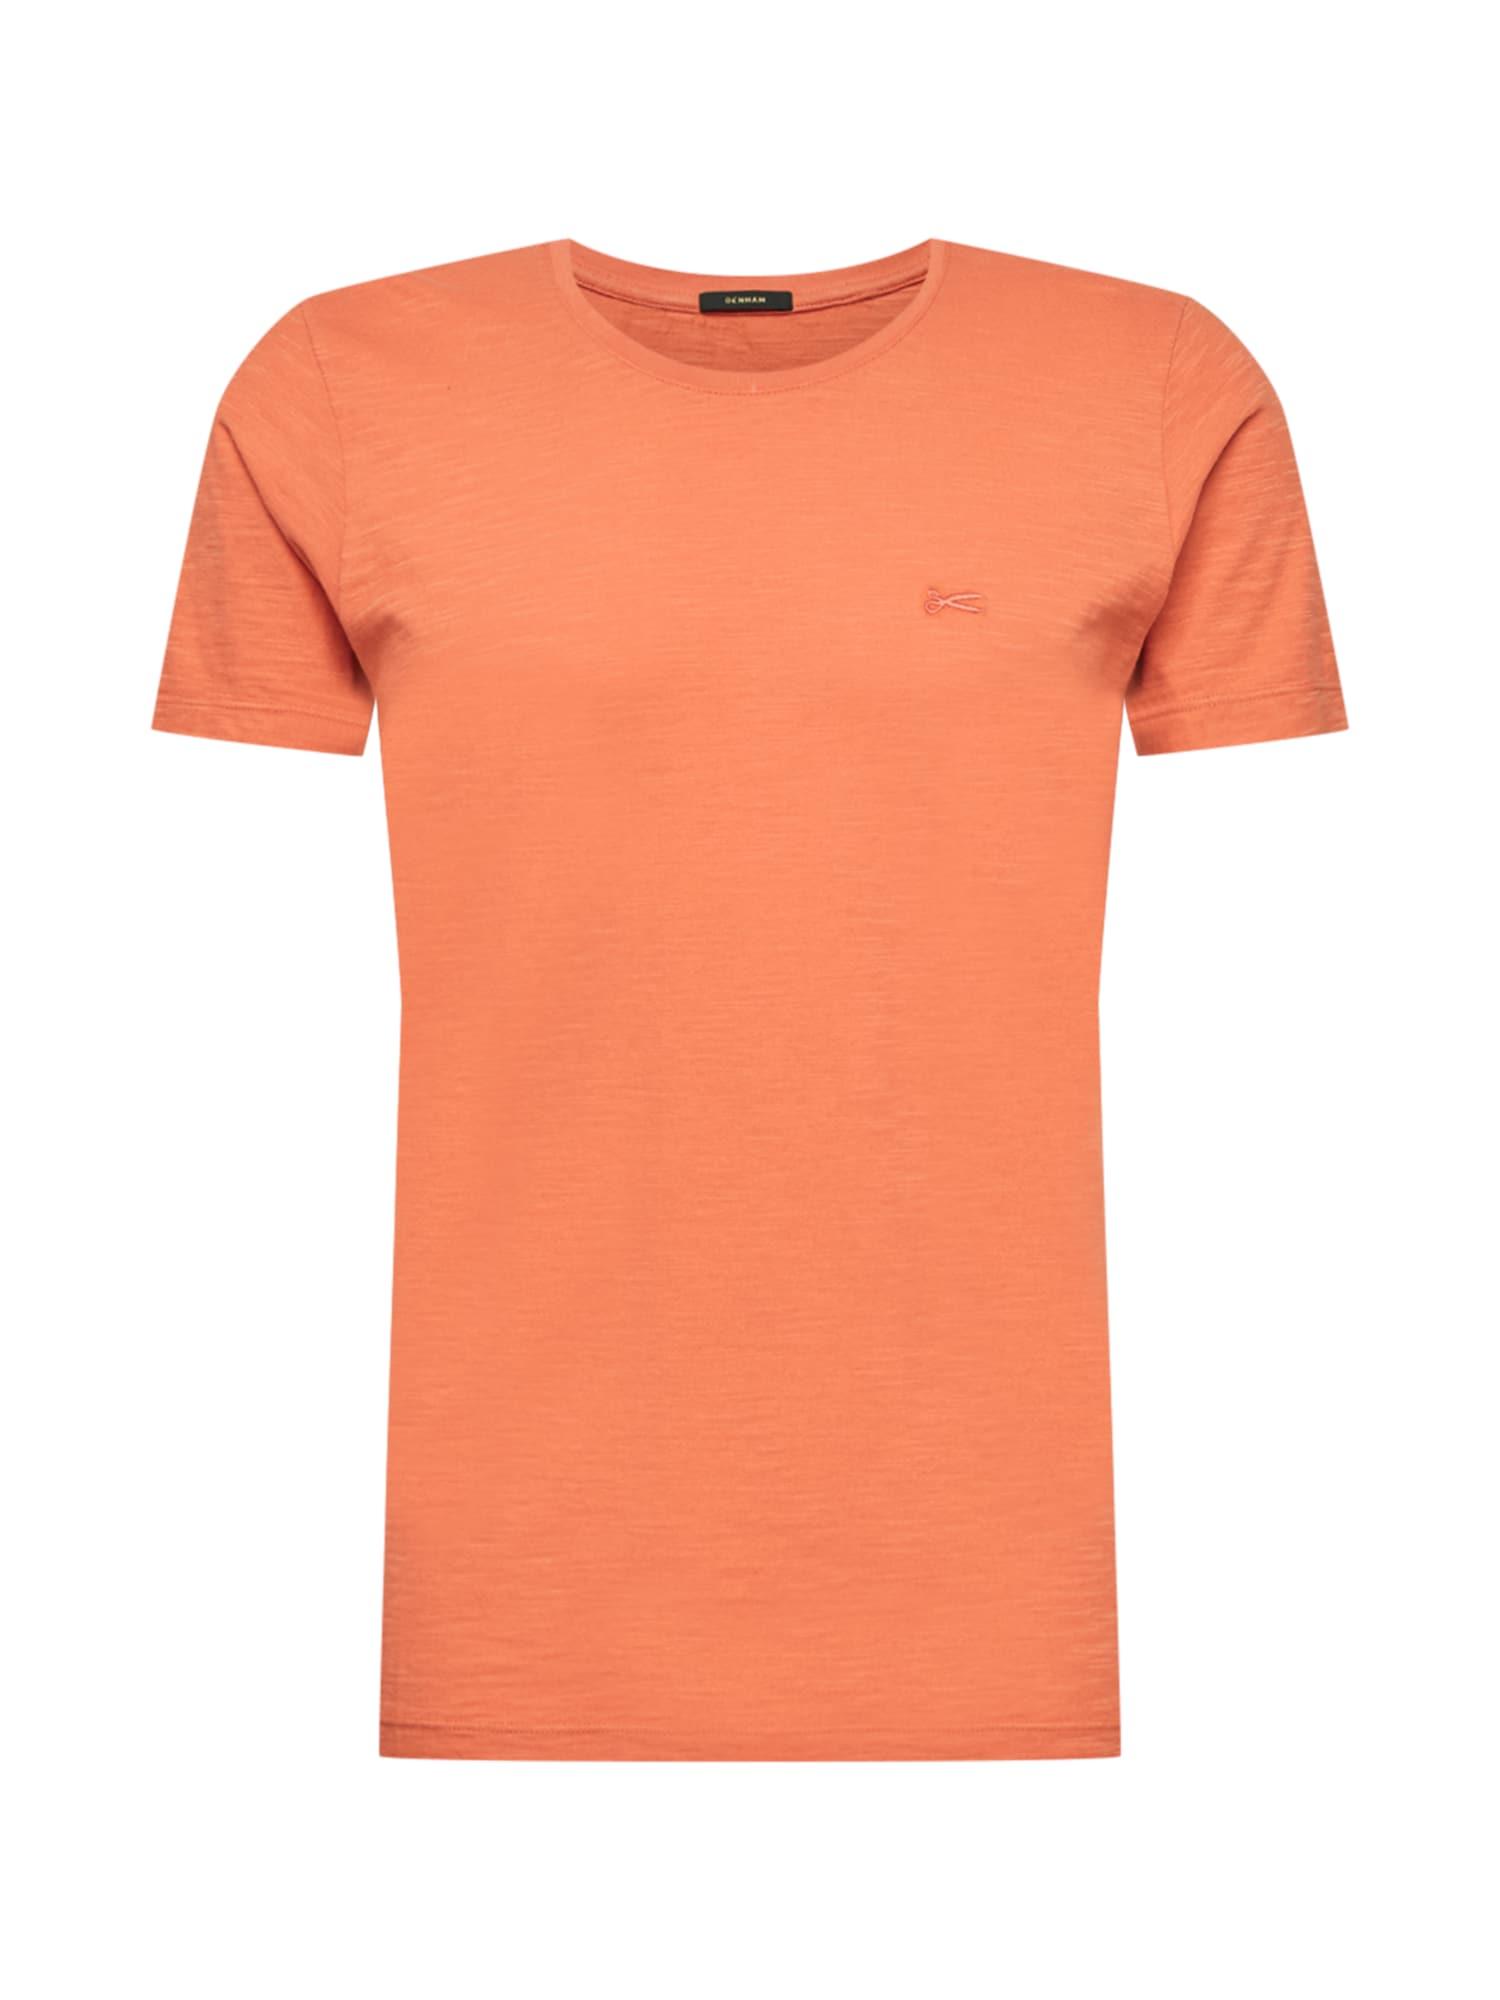 DENHAM Marškinėliai oranžinė-raudona